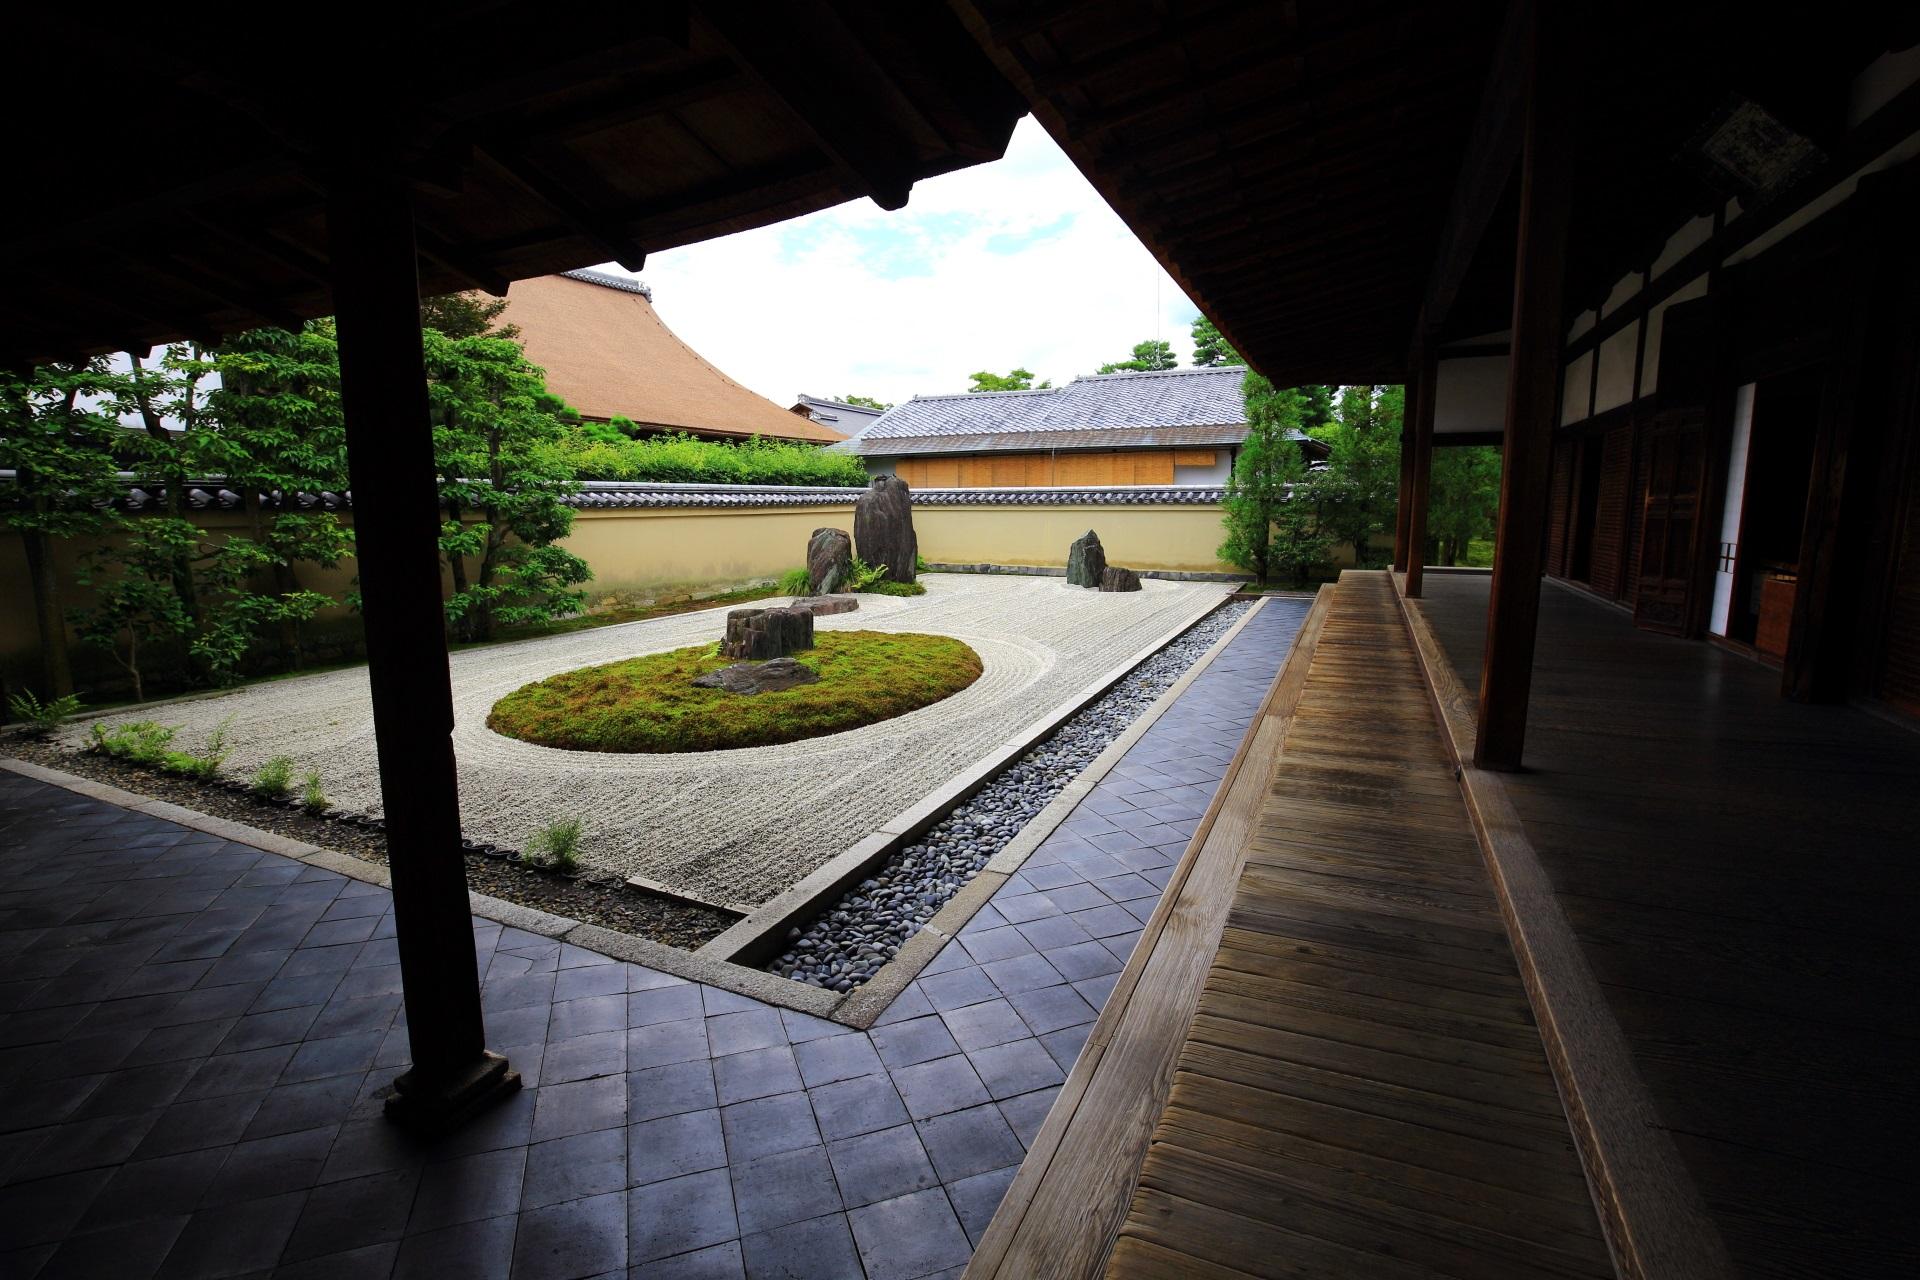 龍源院の上品で落ち着きの感じられる方丈前庭園